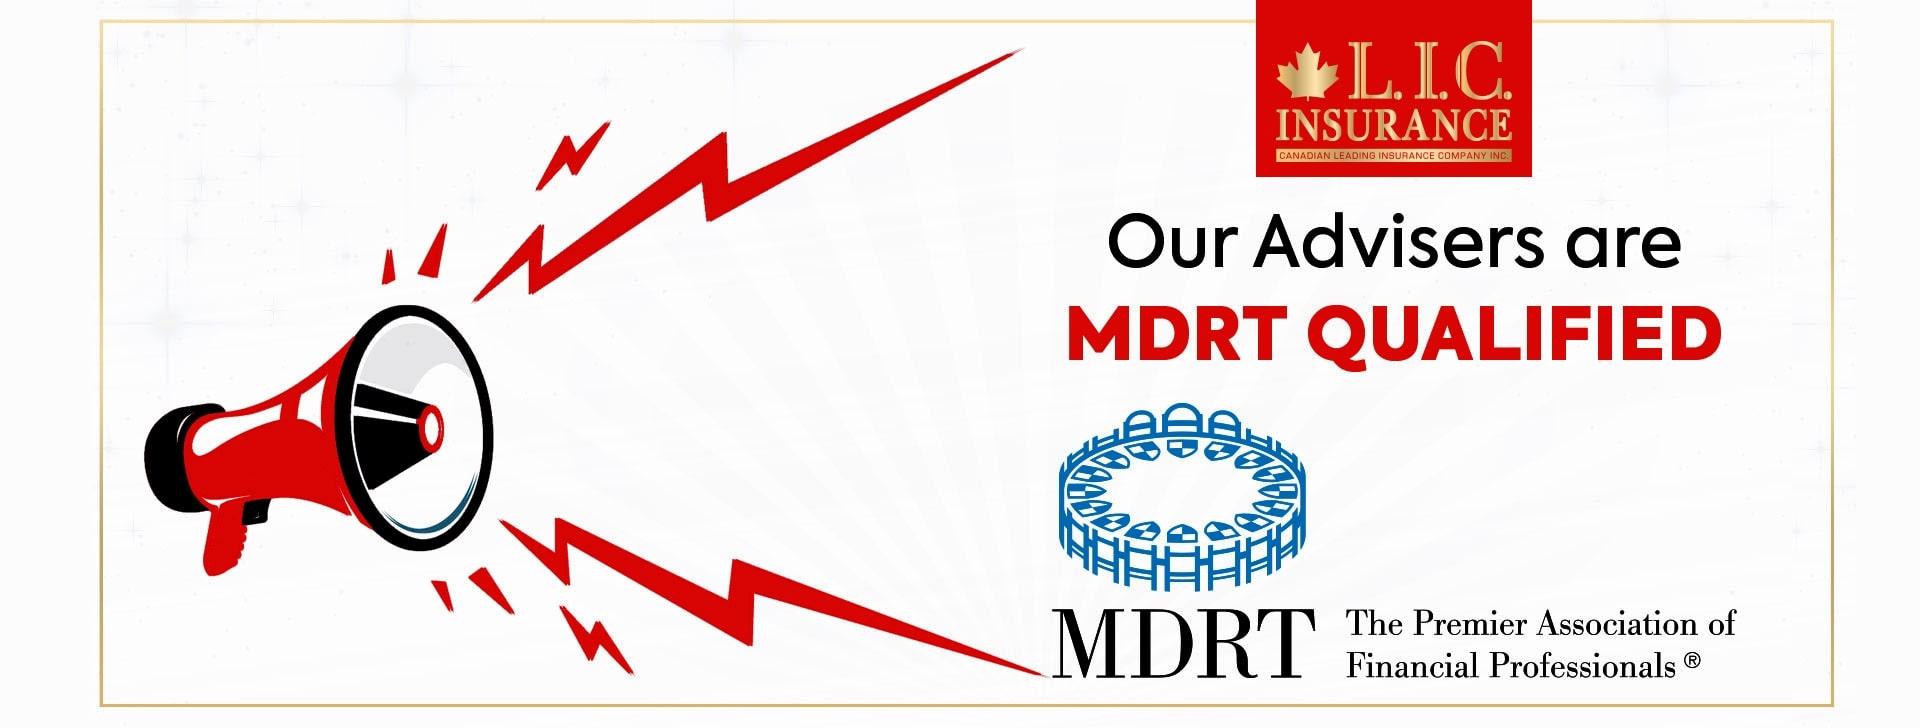 mdrt-qualified